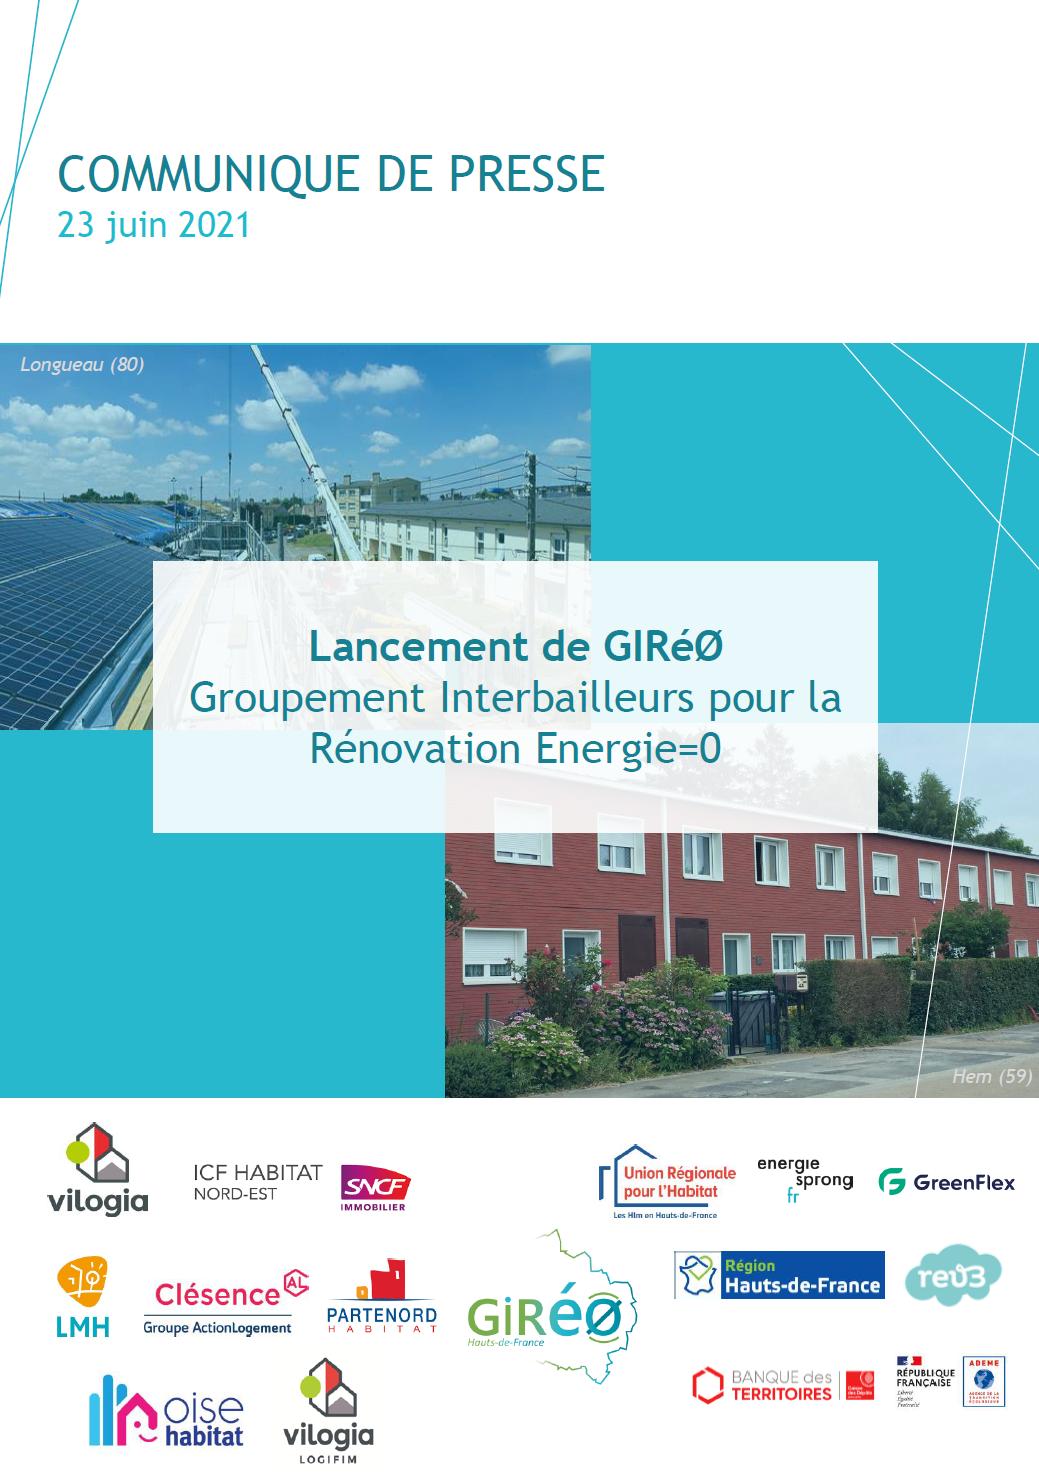 [EnergieSprong] 7 bailleurs jouent le collectif pour structurer la filière en Hauts-de-France